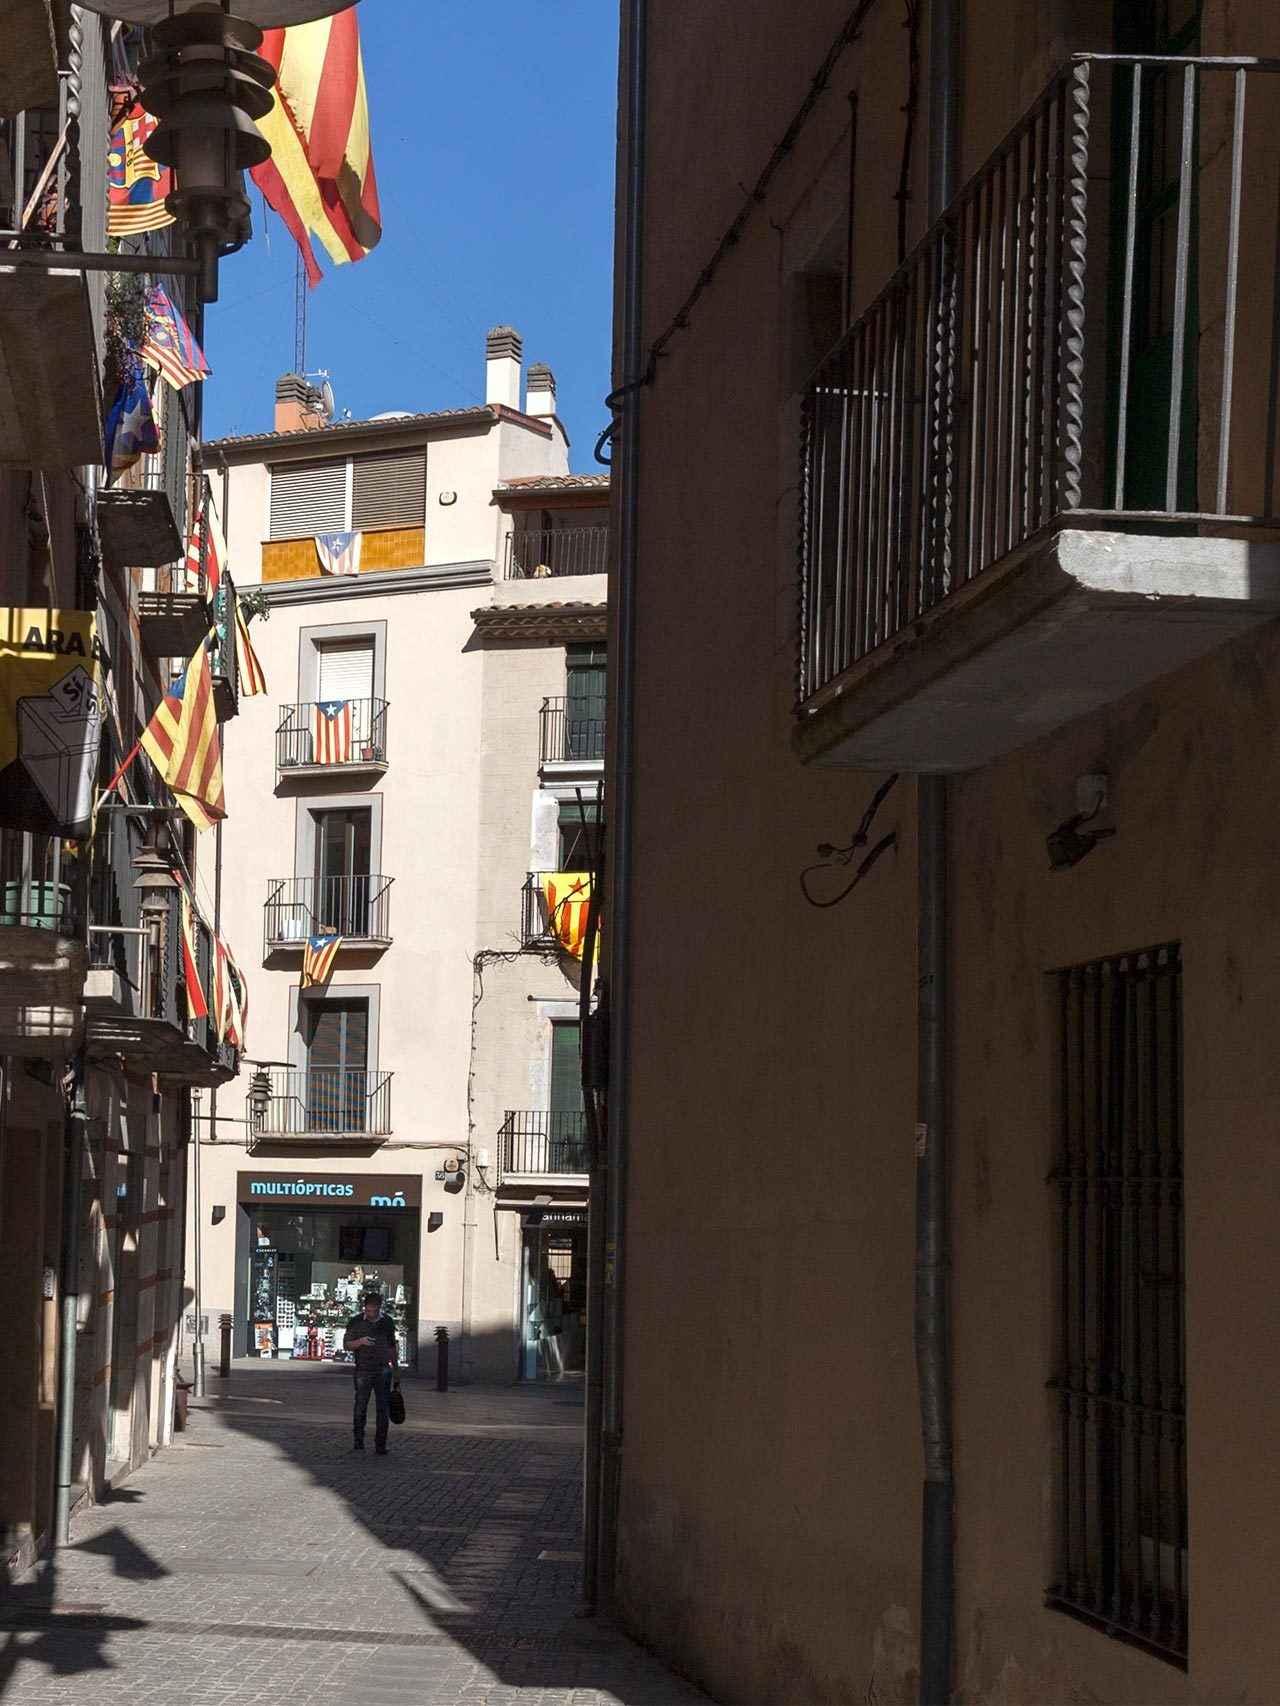 Ambiente en el centro de Girona.